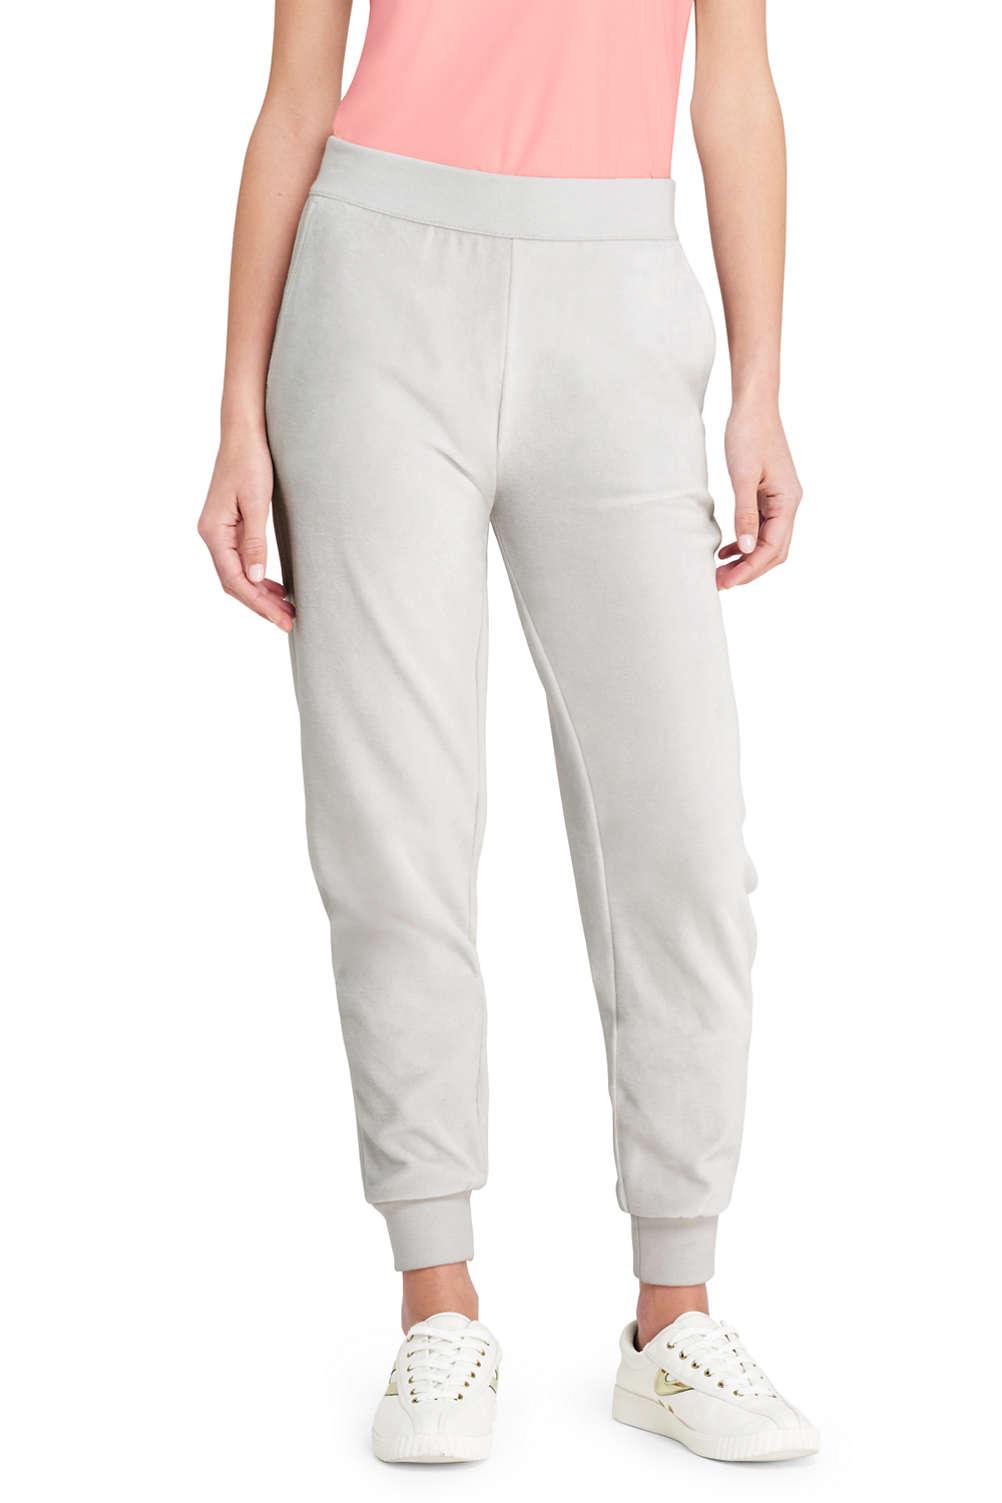 bc9e9c20c2ce56 Women's Velour Jogger Pants from Lands' End